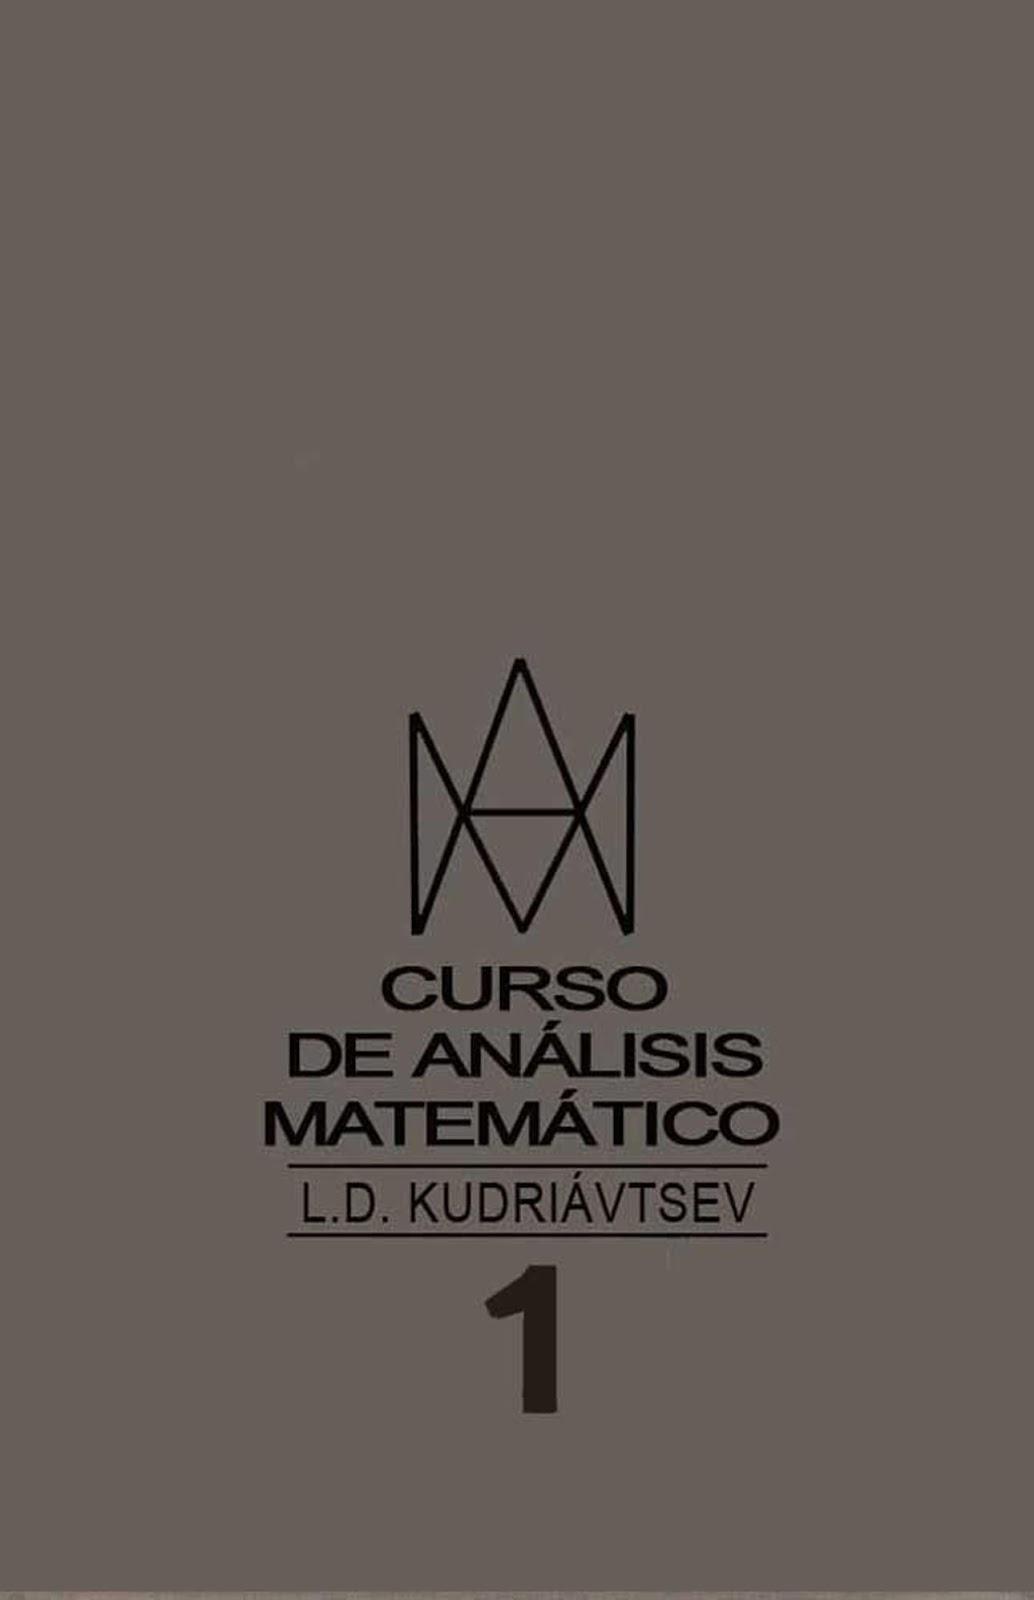 Curso de Análisis Matemático Vol 1 – L. D. Kudriávtsev